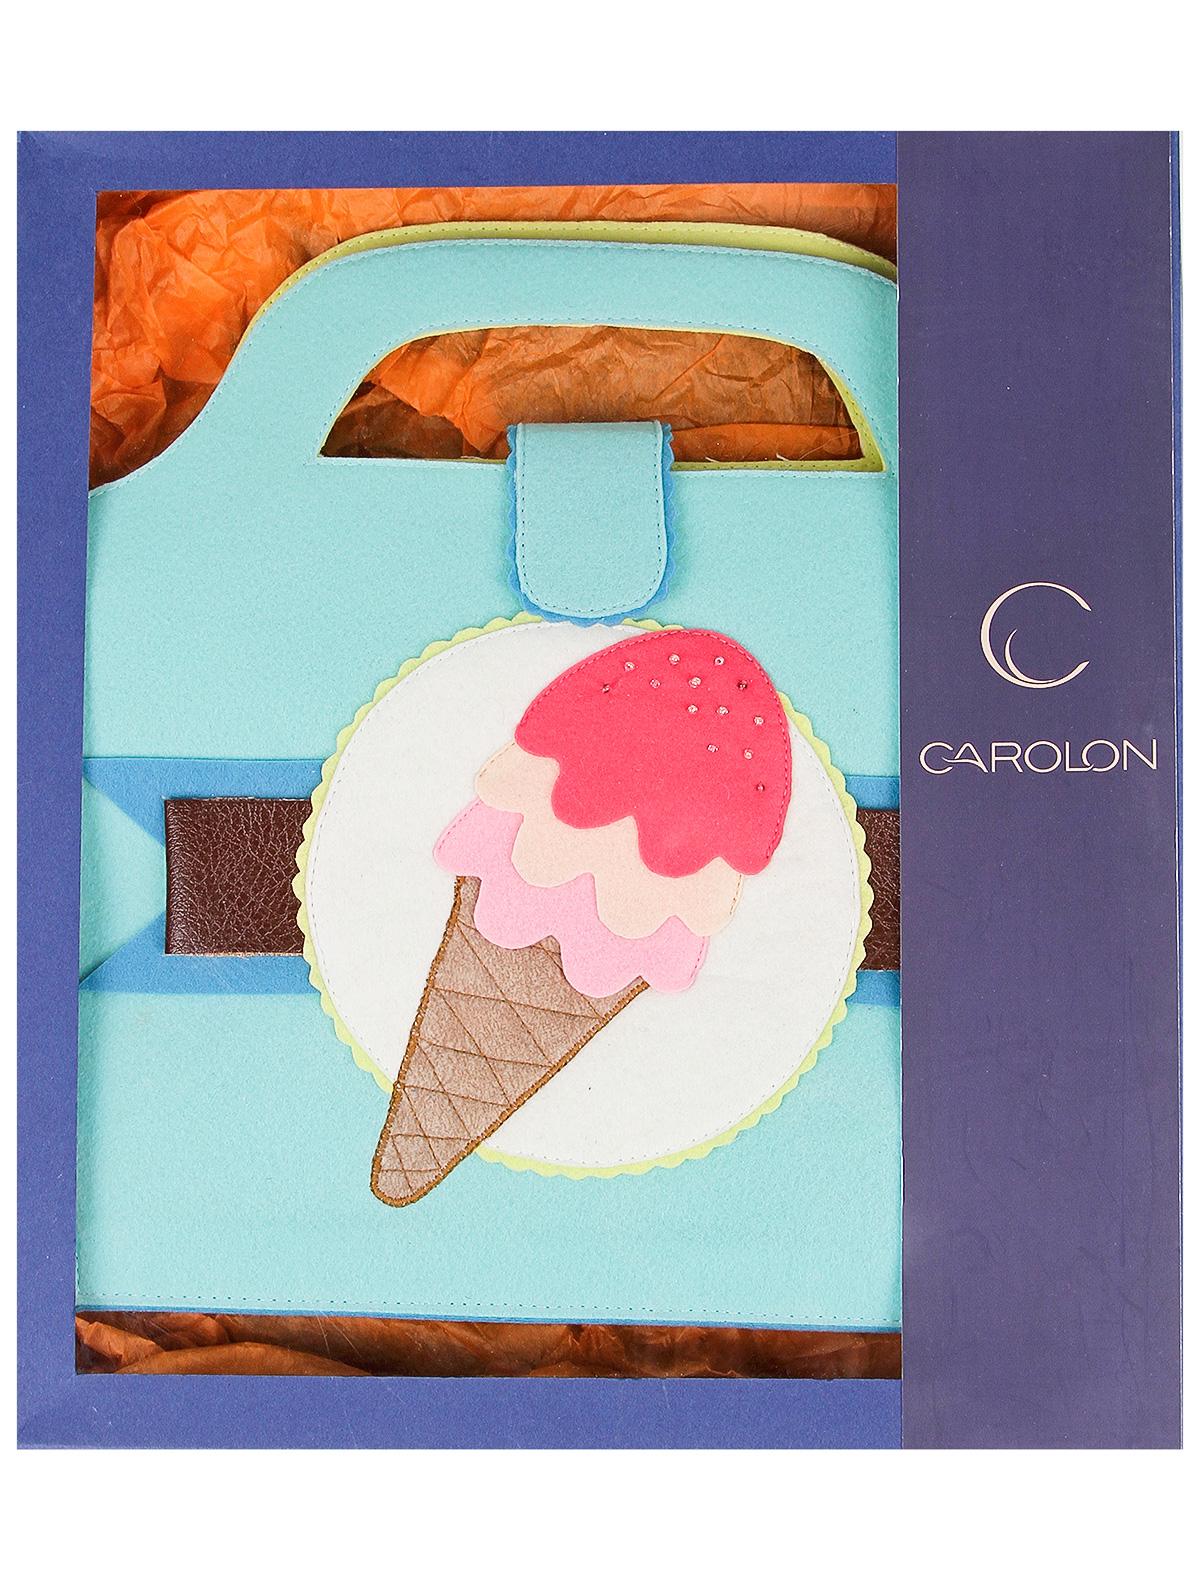 Купить 2213862, Игрушка мягкая Carolon, разноцветный, 7124520070329